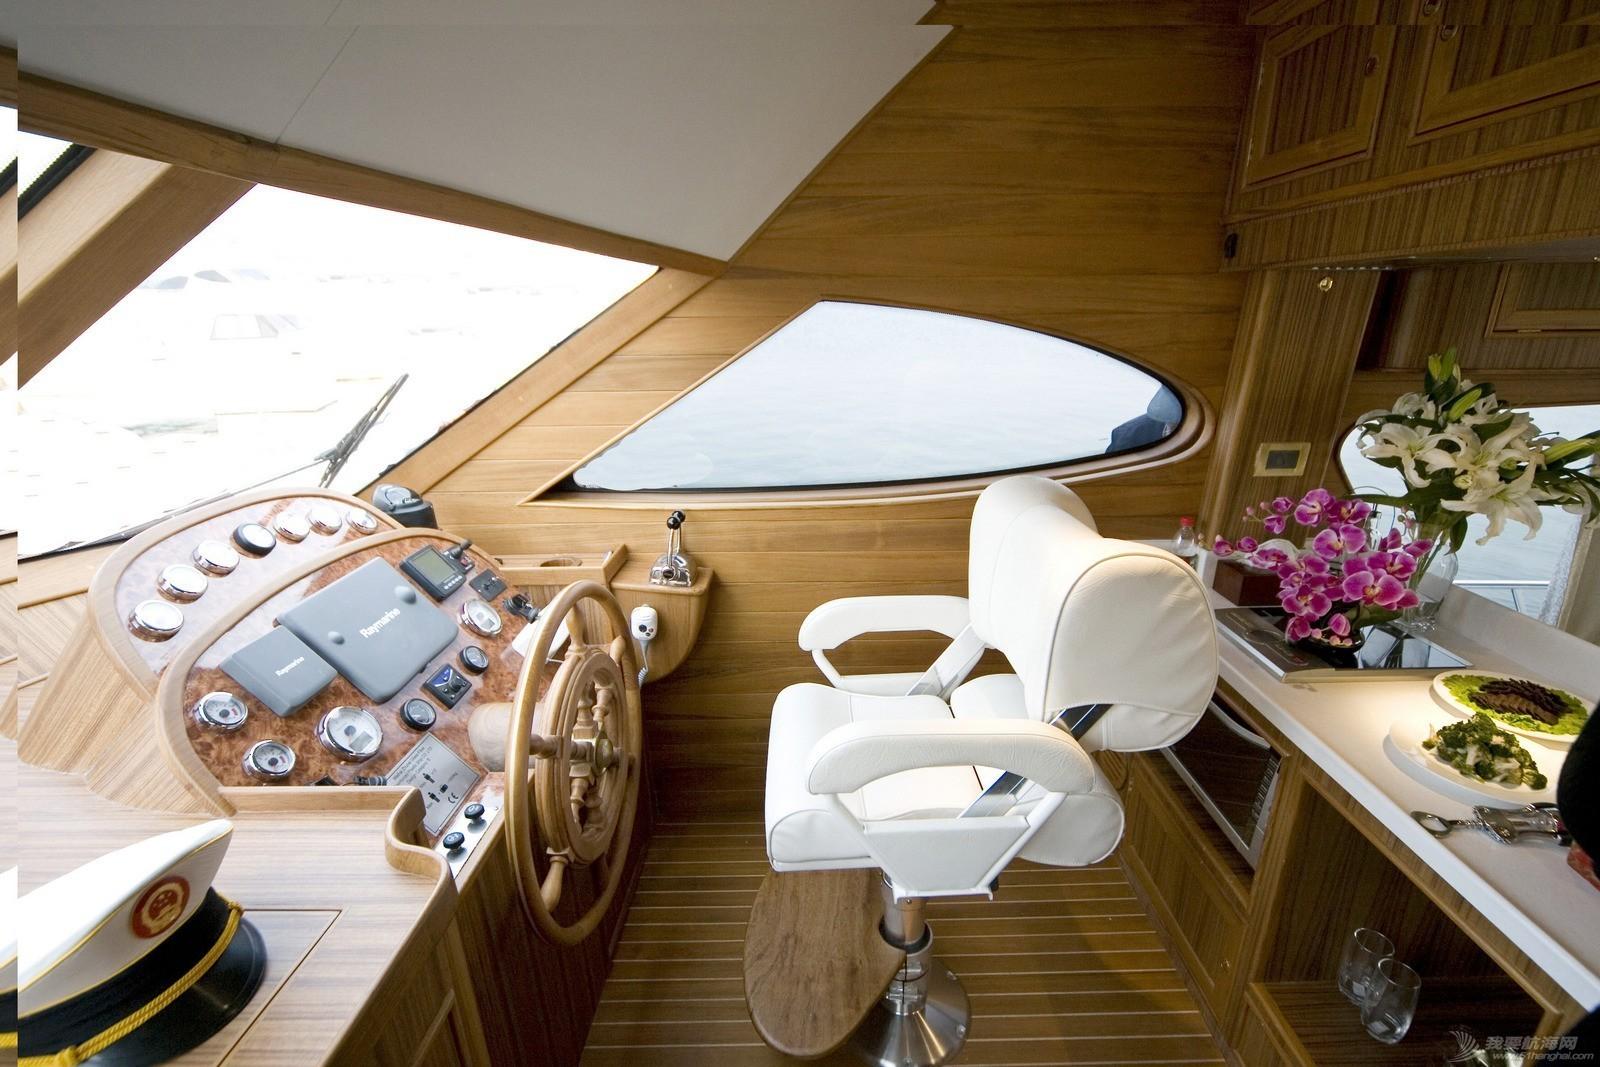 产品,游艇,我们,内置,装修 2019年新船60英尺豪华飞桥游艇  104326h2jxt4c5402tx5ct